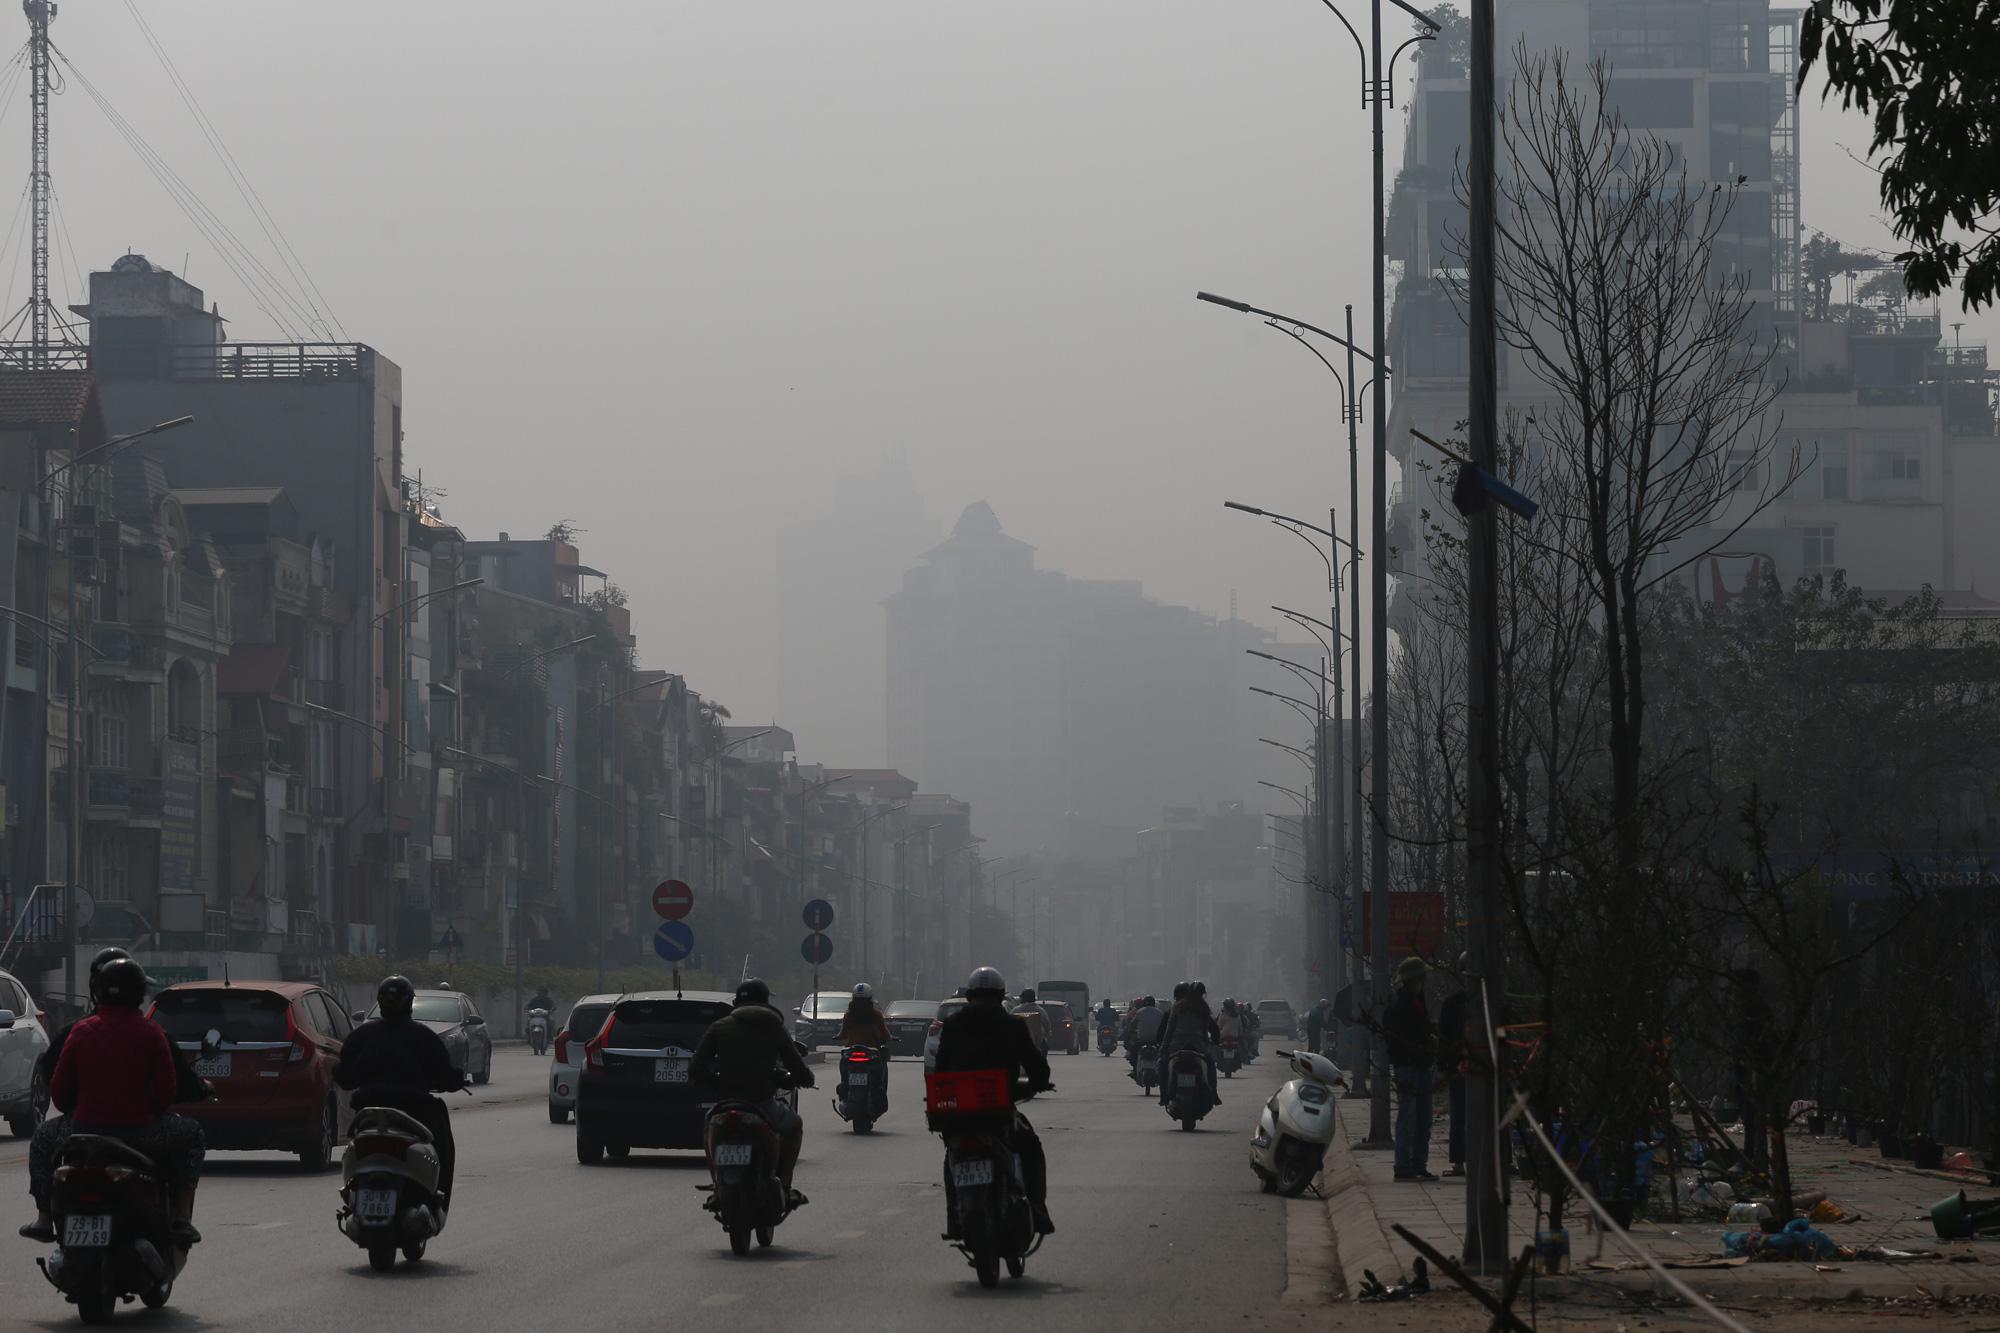 Hà Nội ô nhiễm không khí ở mức cảnh báo tím từ sáng đến chiều - Ảnh 8.